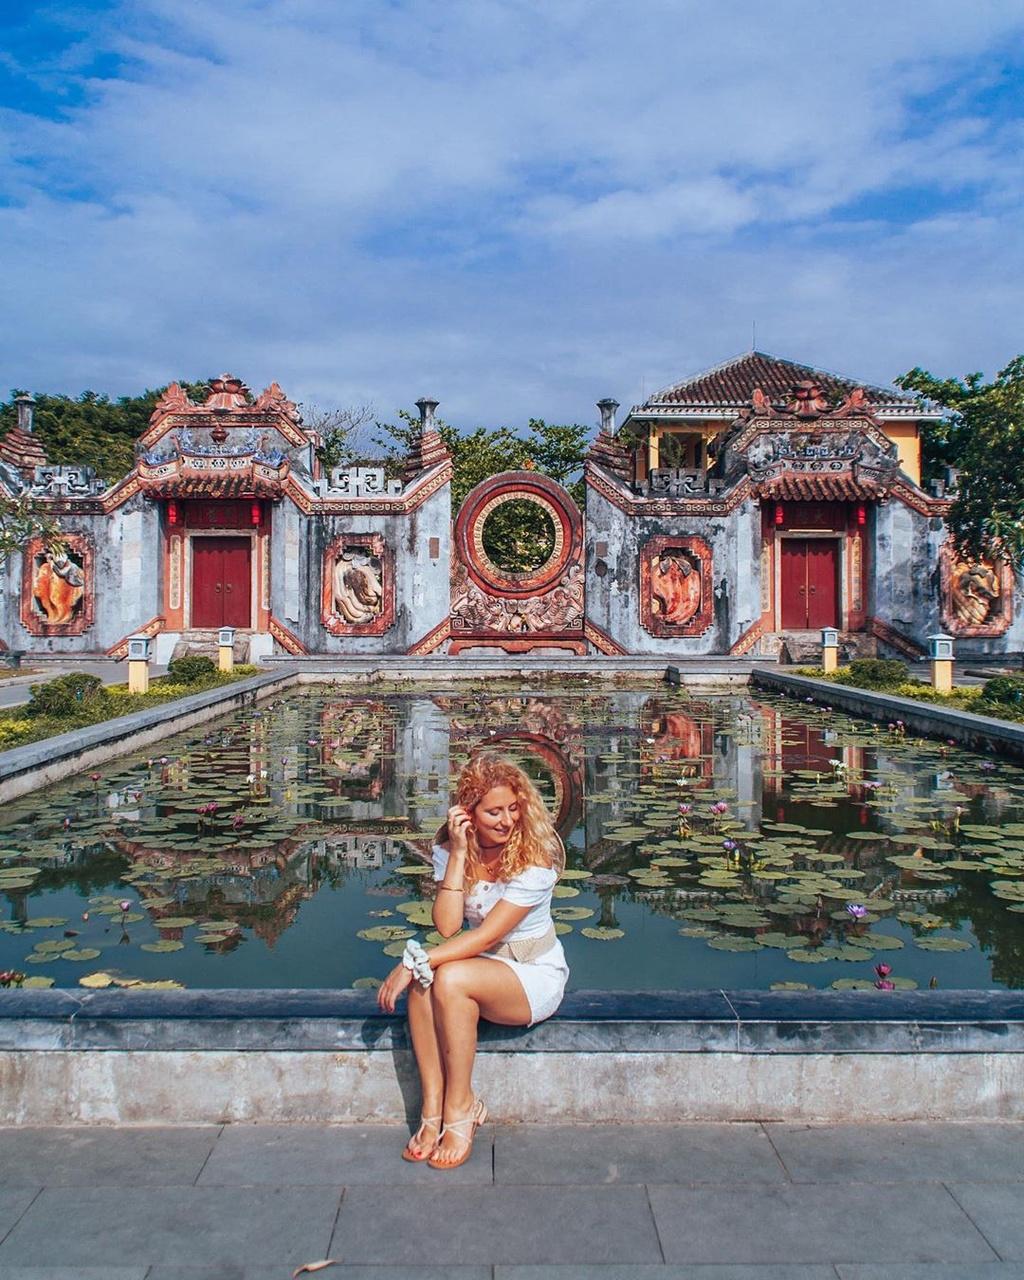 Nhung dia diem du lich Viet duoc truyen thong nuoc ngoai ca ngoi hinh anh 1 83738081_579504869573105_7250937559069073434_n.jpg  - 83738081_579504869573105_7250937559069073434_n - Những địa điểm du lịch Việt được truyền thông nước ngoài ca ngợi